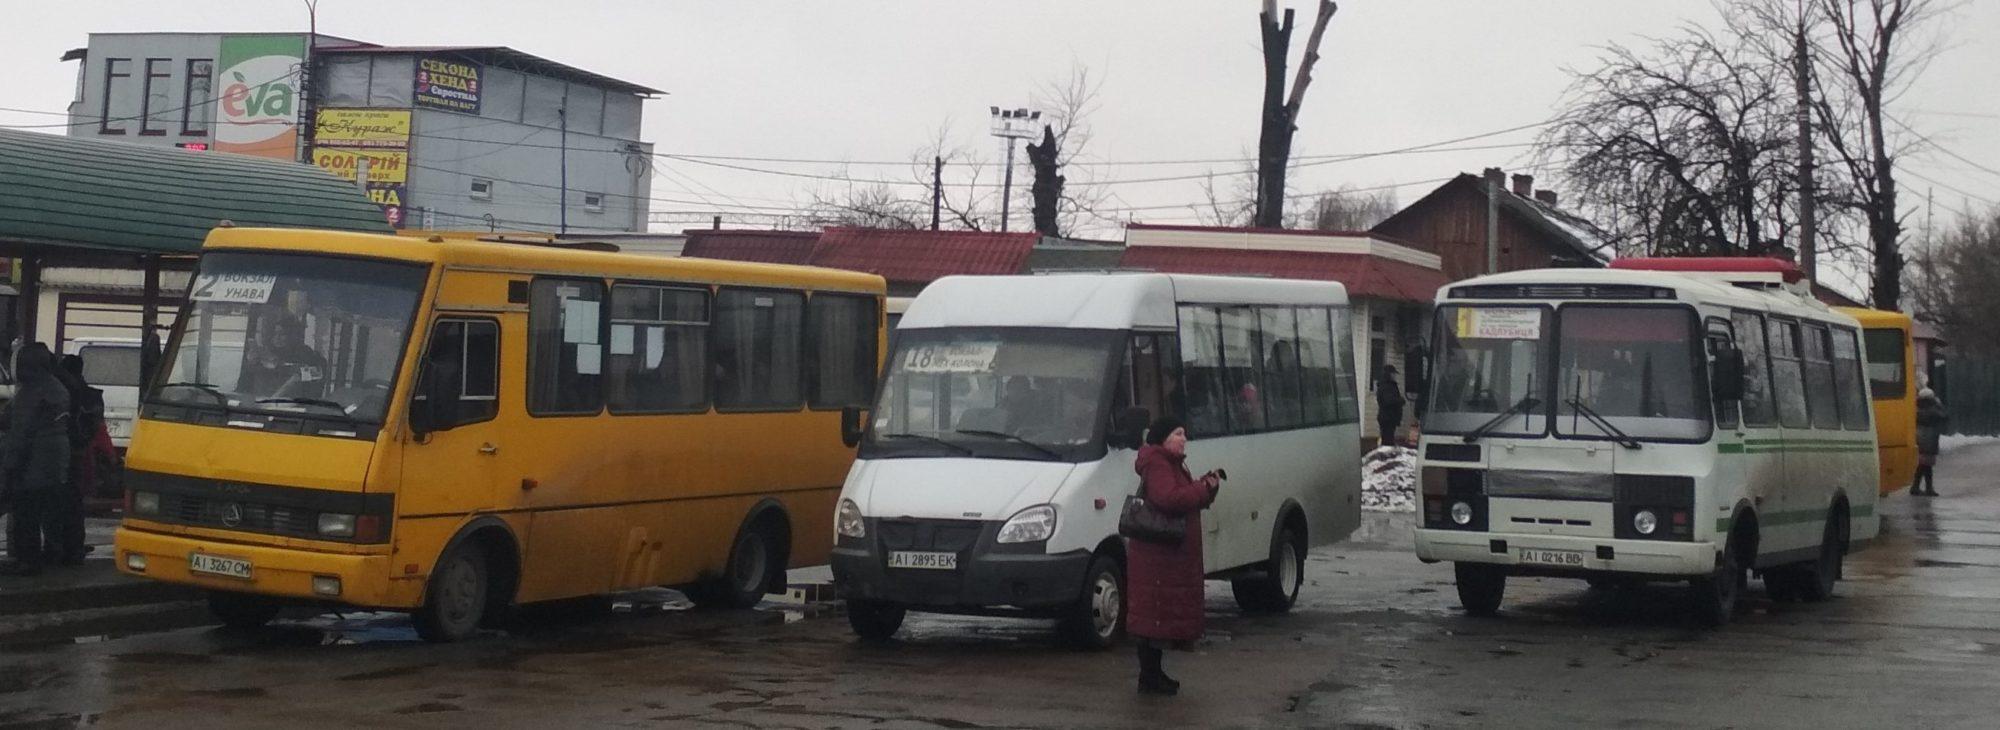 Fastiv-marshrutky-2000x730 У Фастові розірвали договір з перевізником на 13-му маршруті: фіксувались системні порушення